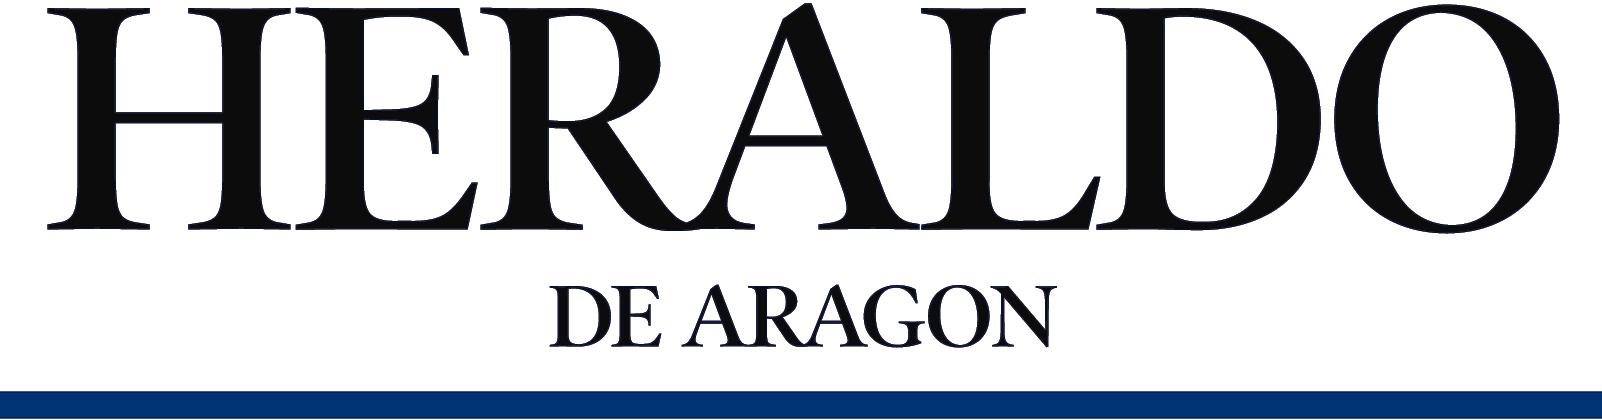 https://upload.wikimedia.org/wikipedia/an/5/51/Heraldo_de_Aragón